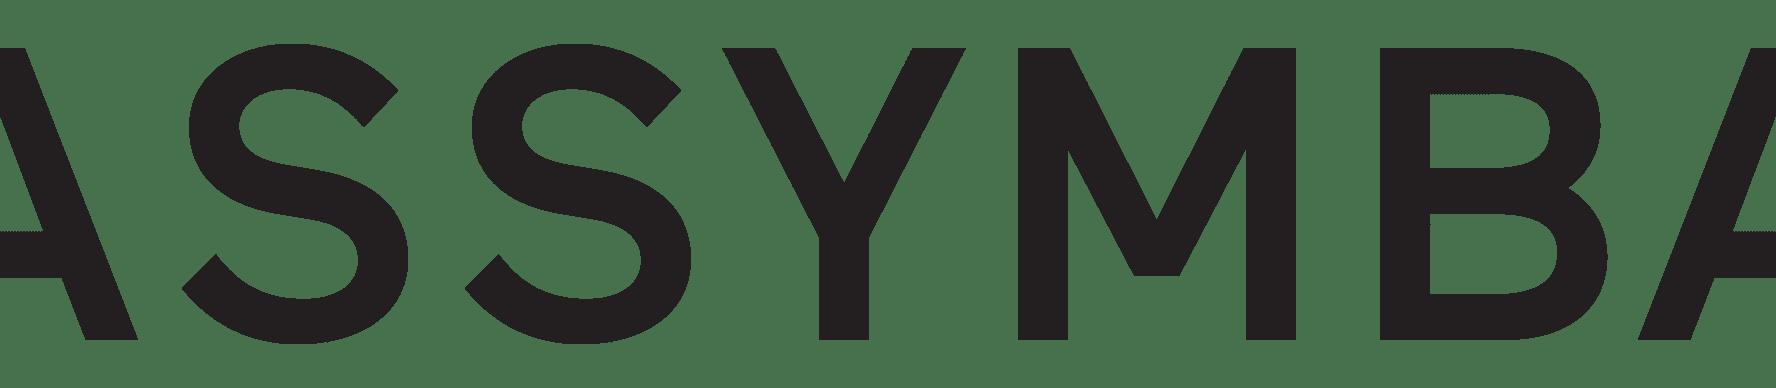 ASSYMBA